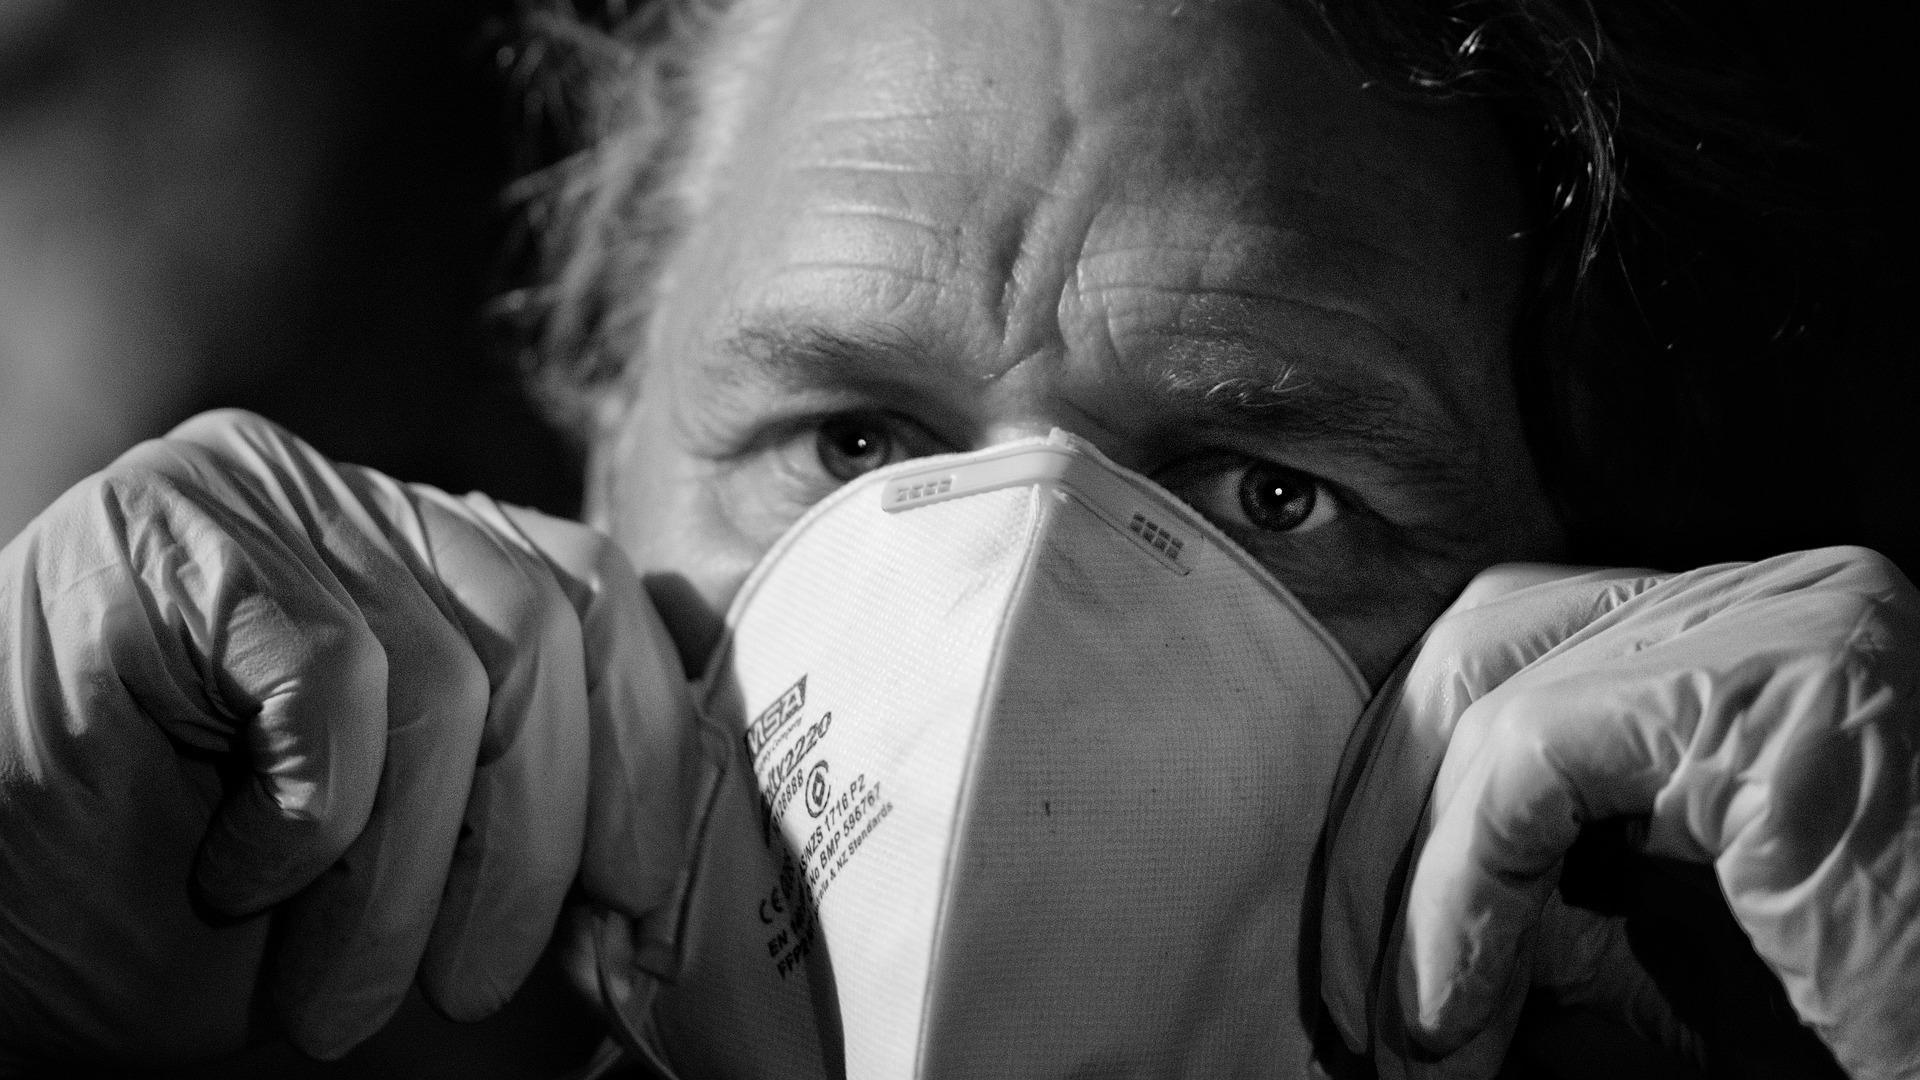 Пожилые люди склонны недооценивать опасность пневмонии